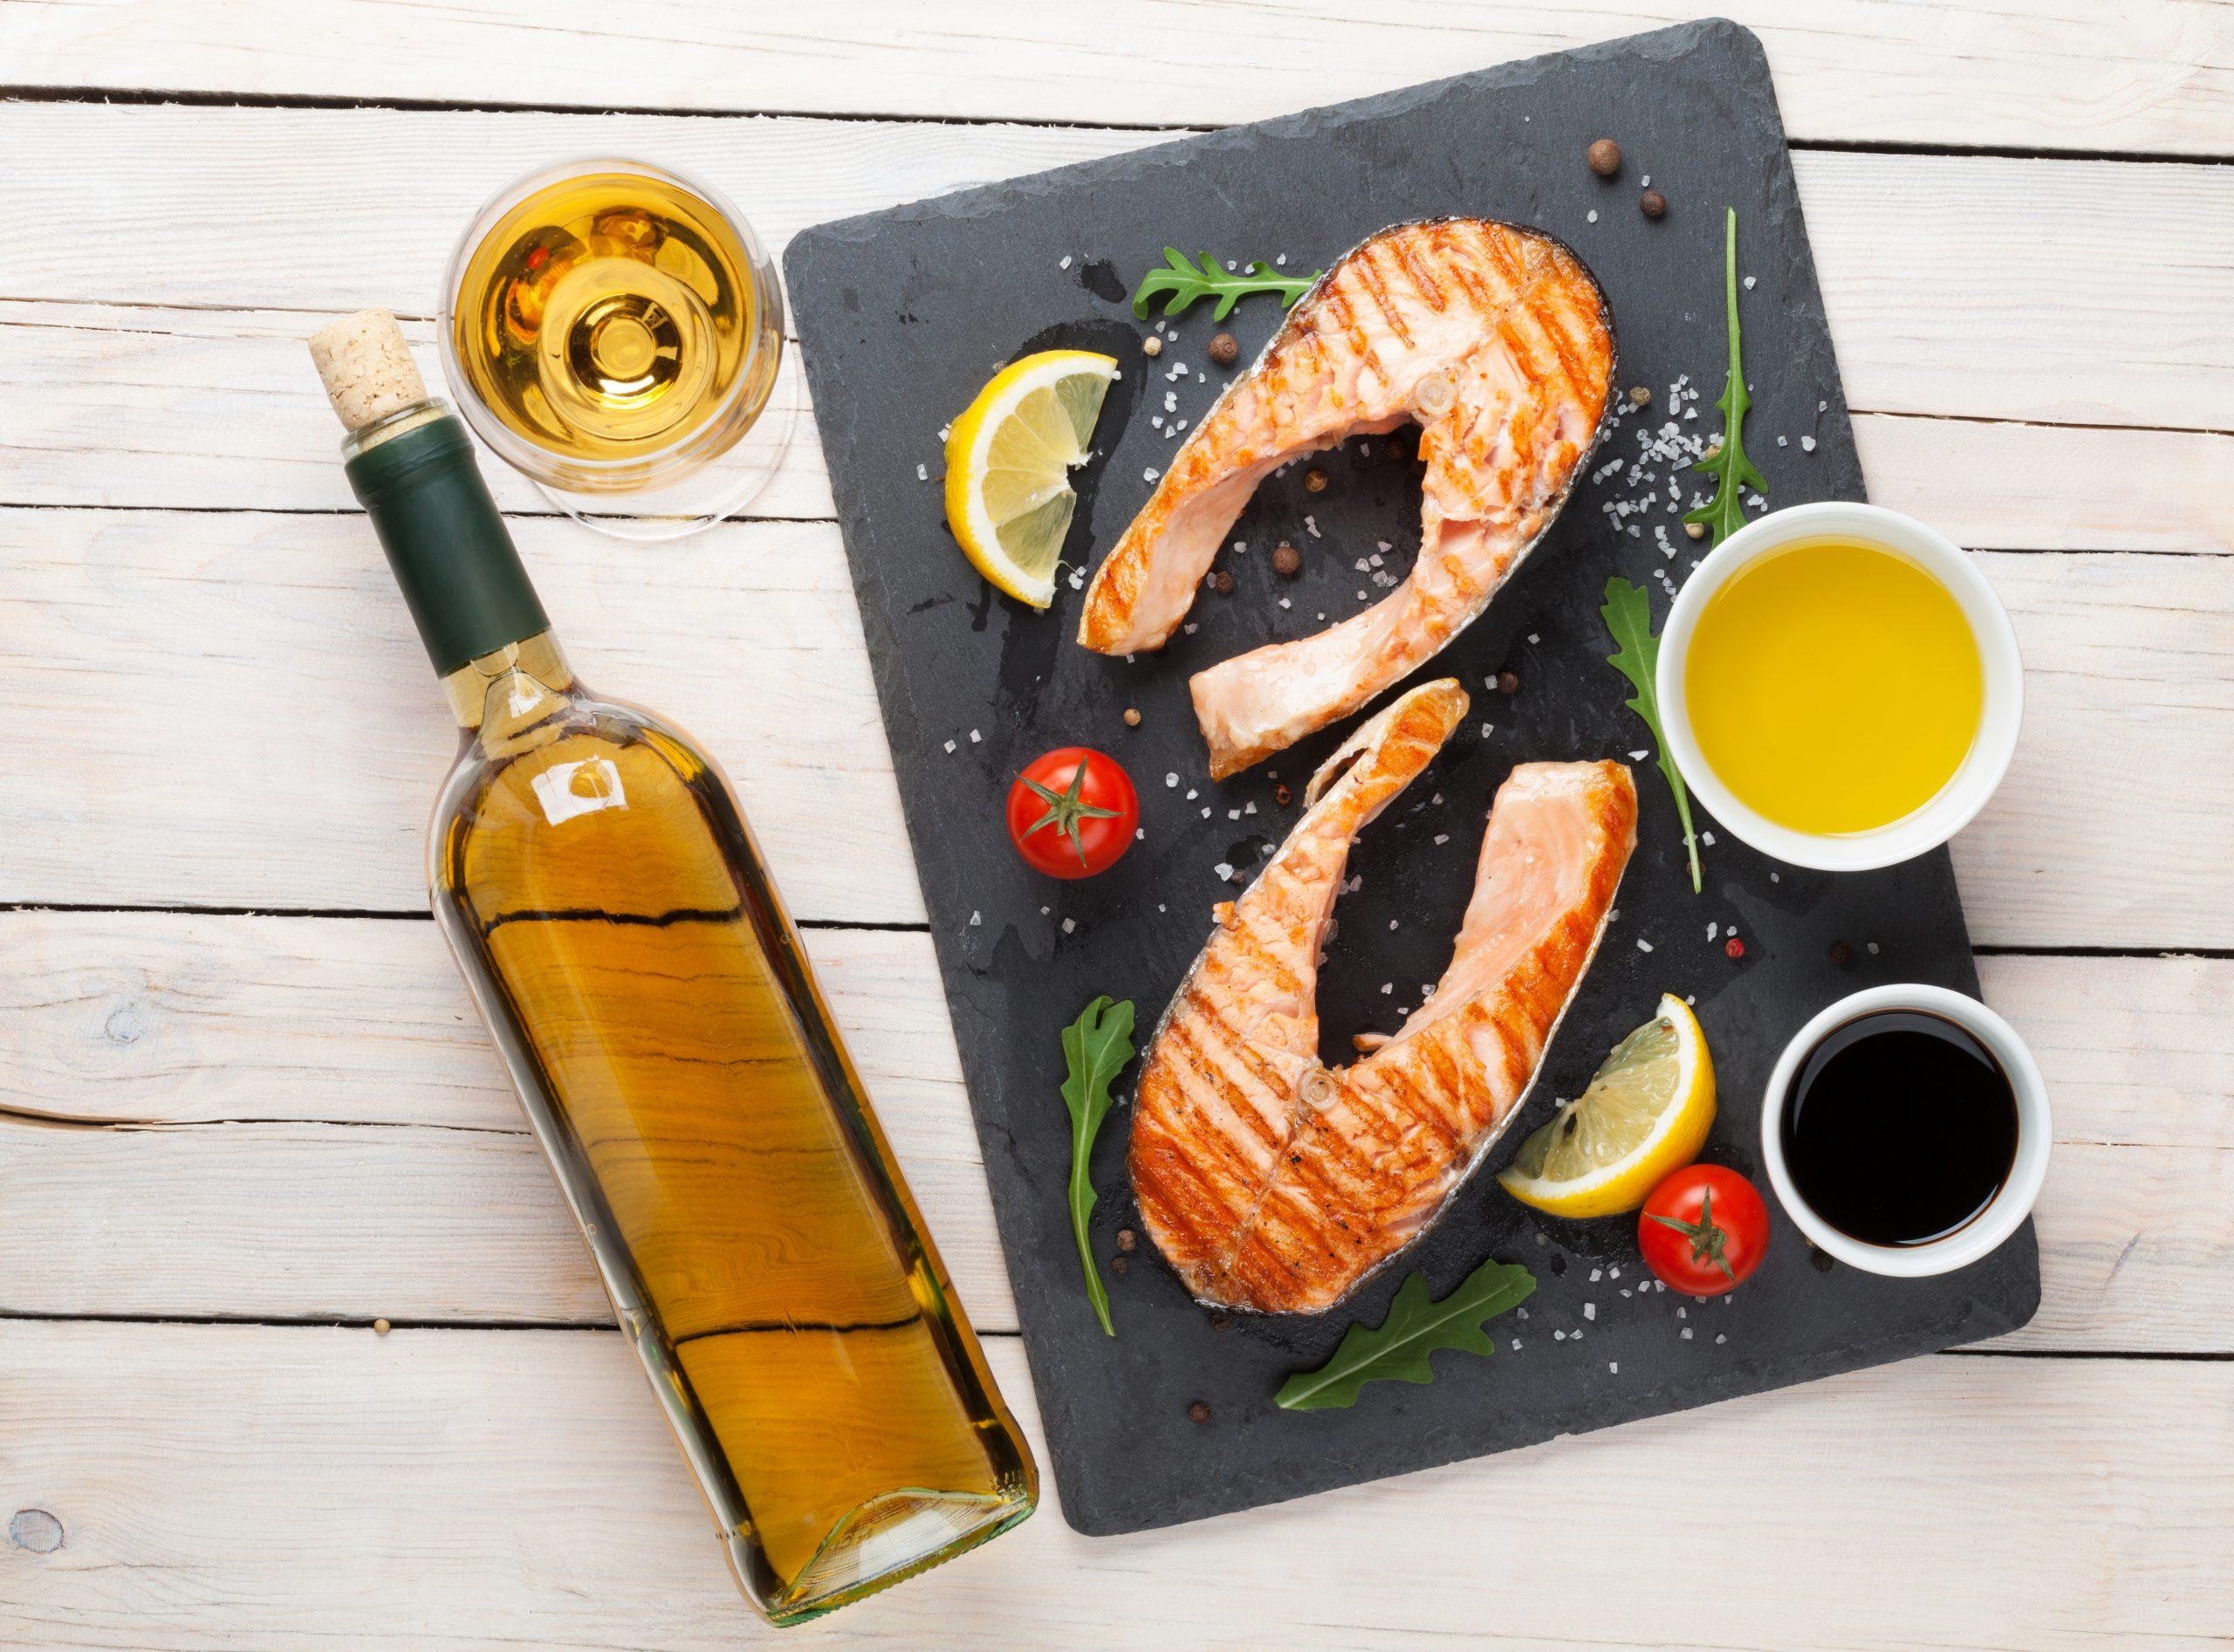 初夏の旬【海鮮おつまみ】とワインのマリアージュで宅飲みをもっと楽しく!